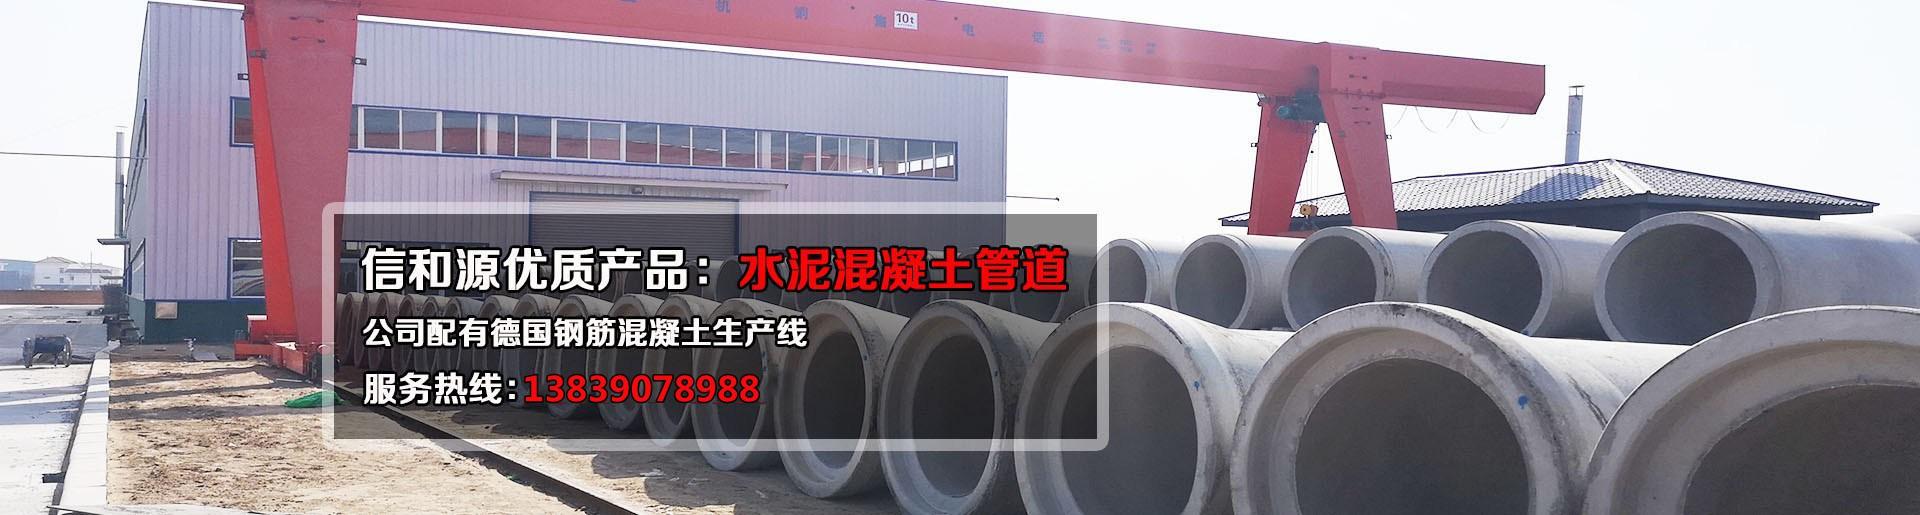 河南信和源实业有限公司